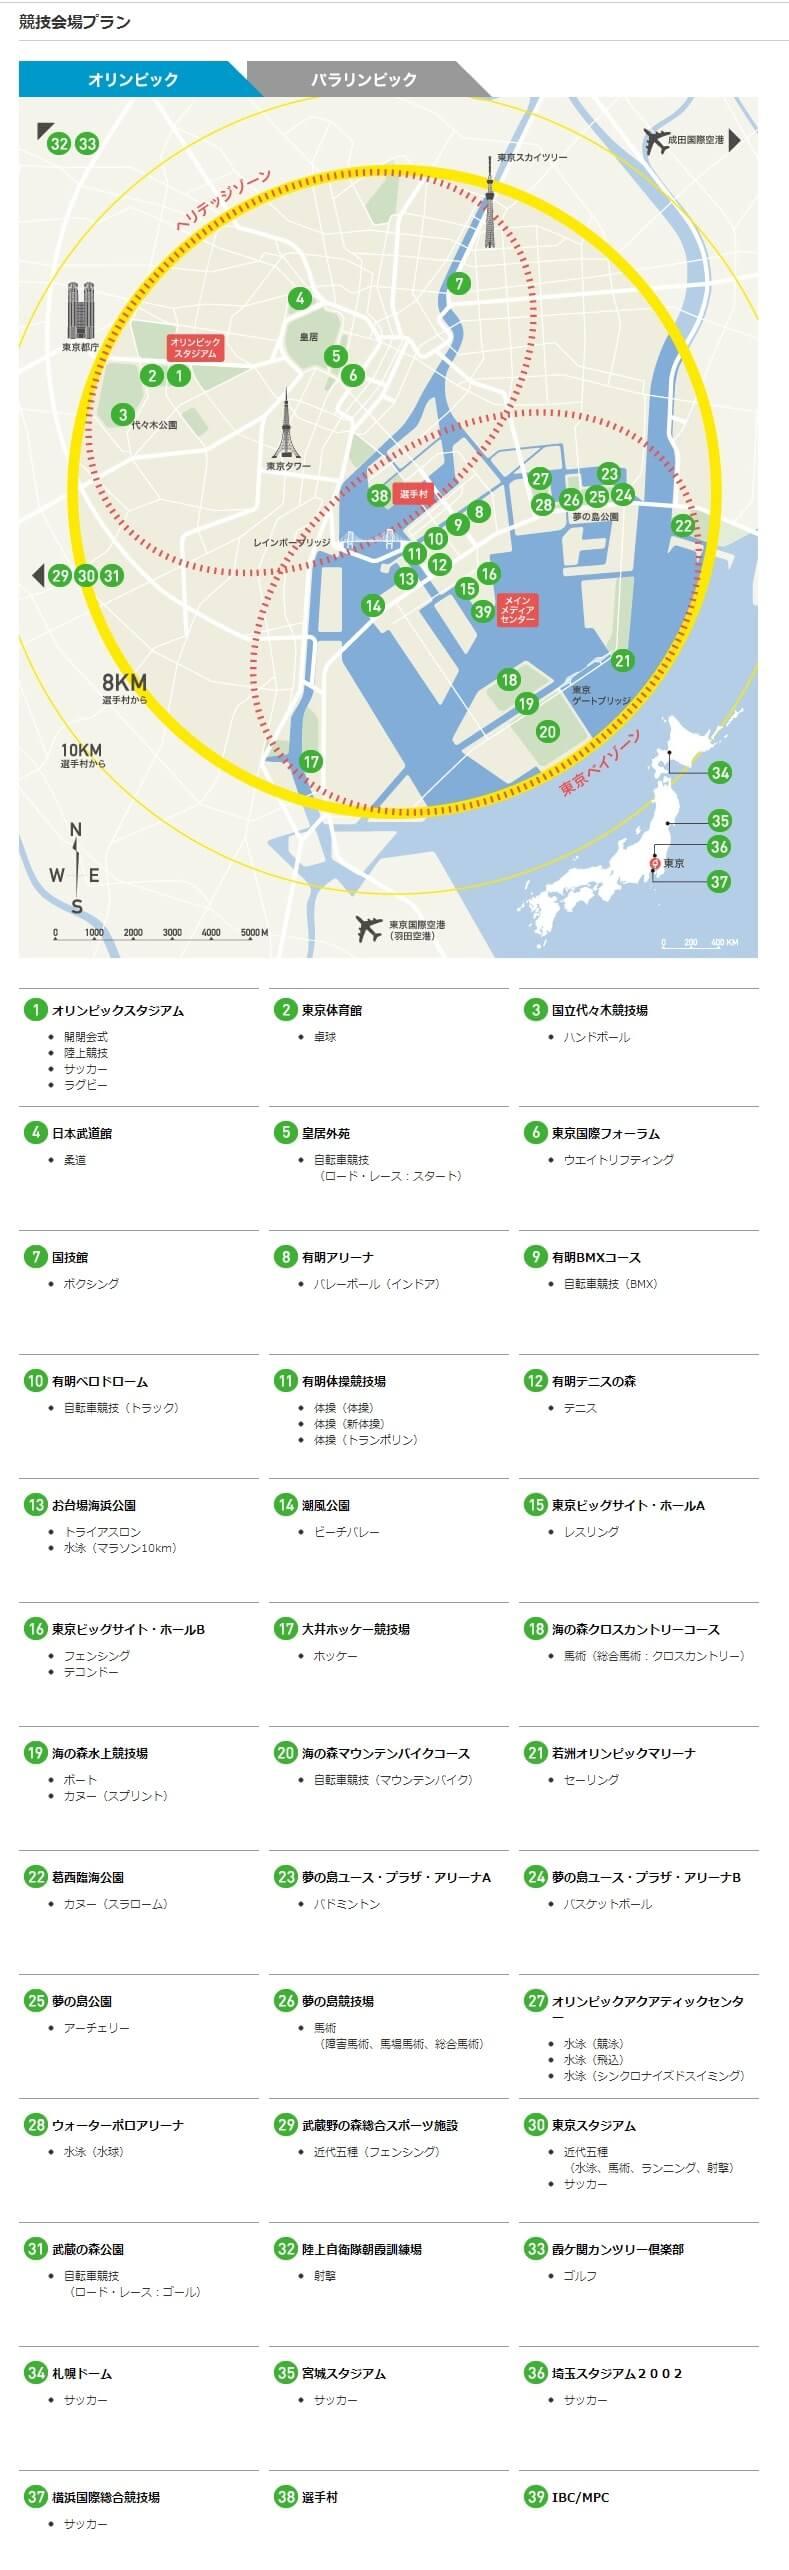 2020年東京オリンピック競技会場プラ